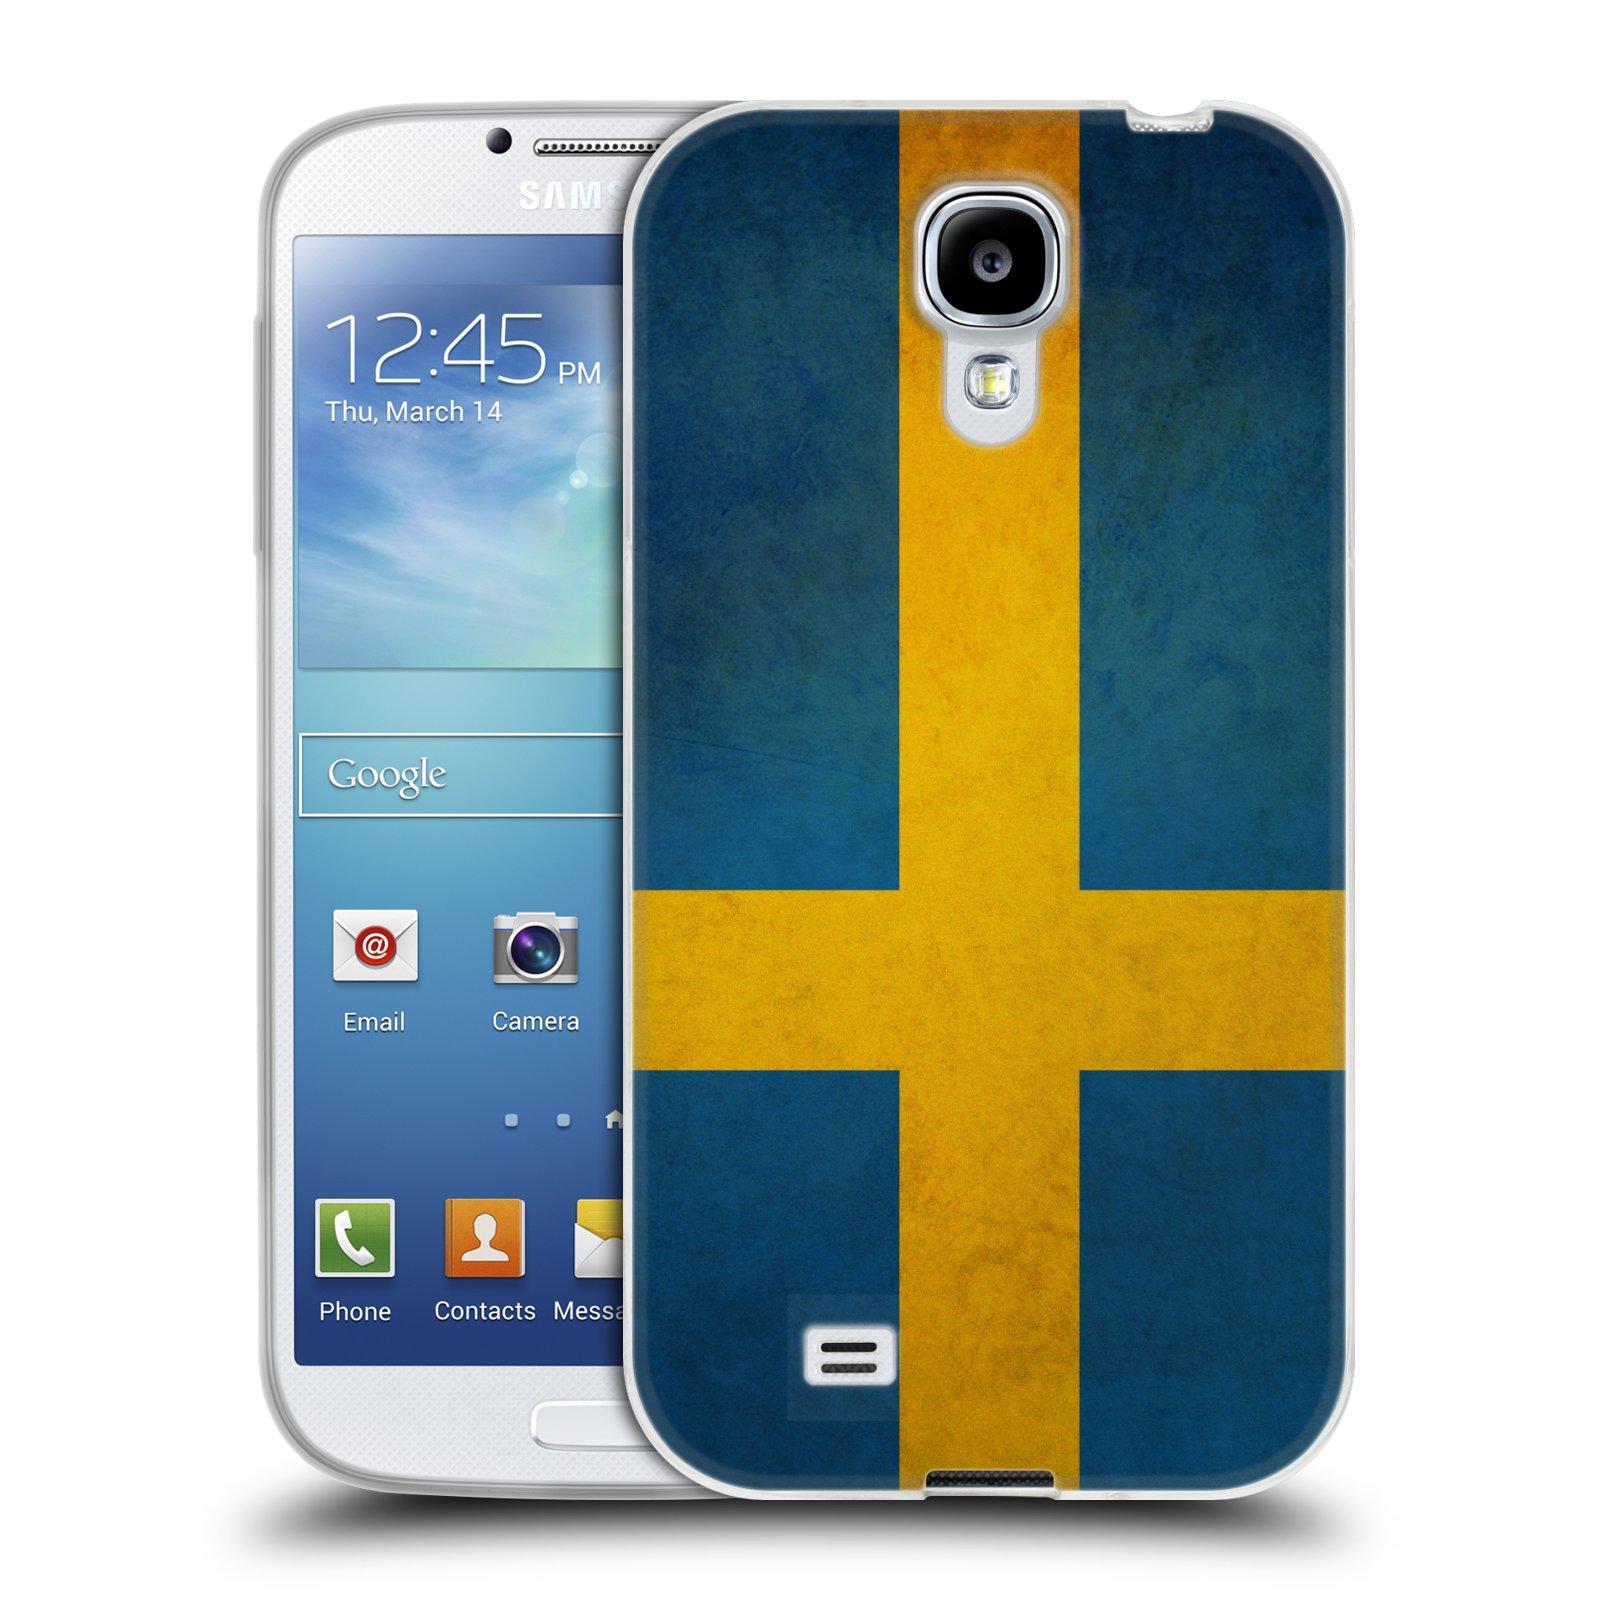 Silikonové pouzdro na mobil Samsung Galaxy S4 HEAD CASE VLAJKA ŠVÉDSKO (Silikonový kryt či obal na mobilní telefon Samsung Galaxy S4 GT-i9505 / i9500)